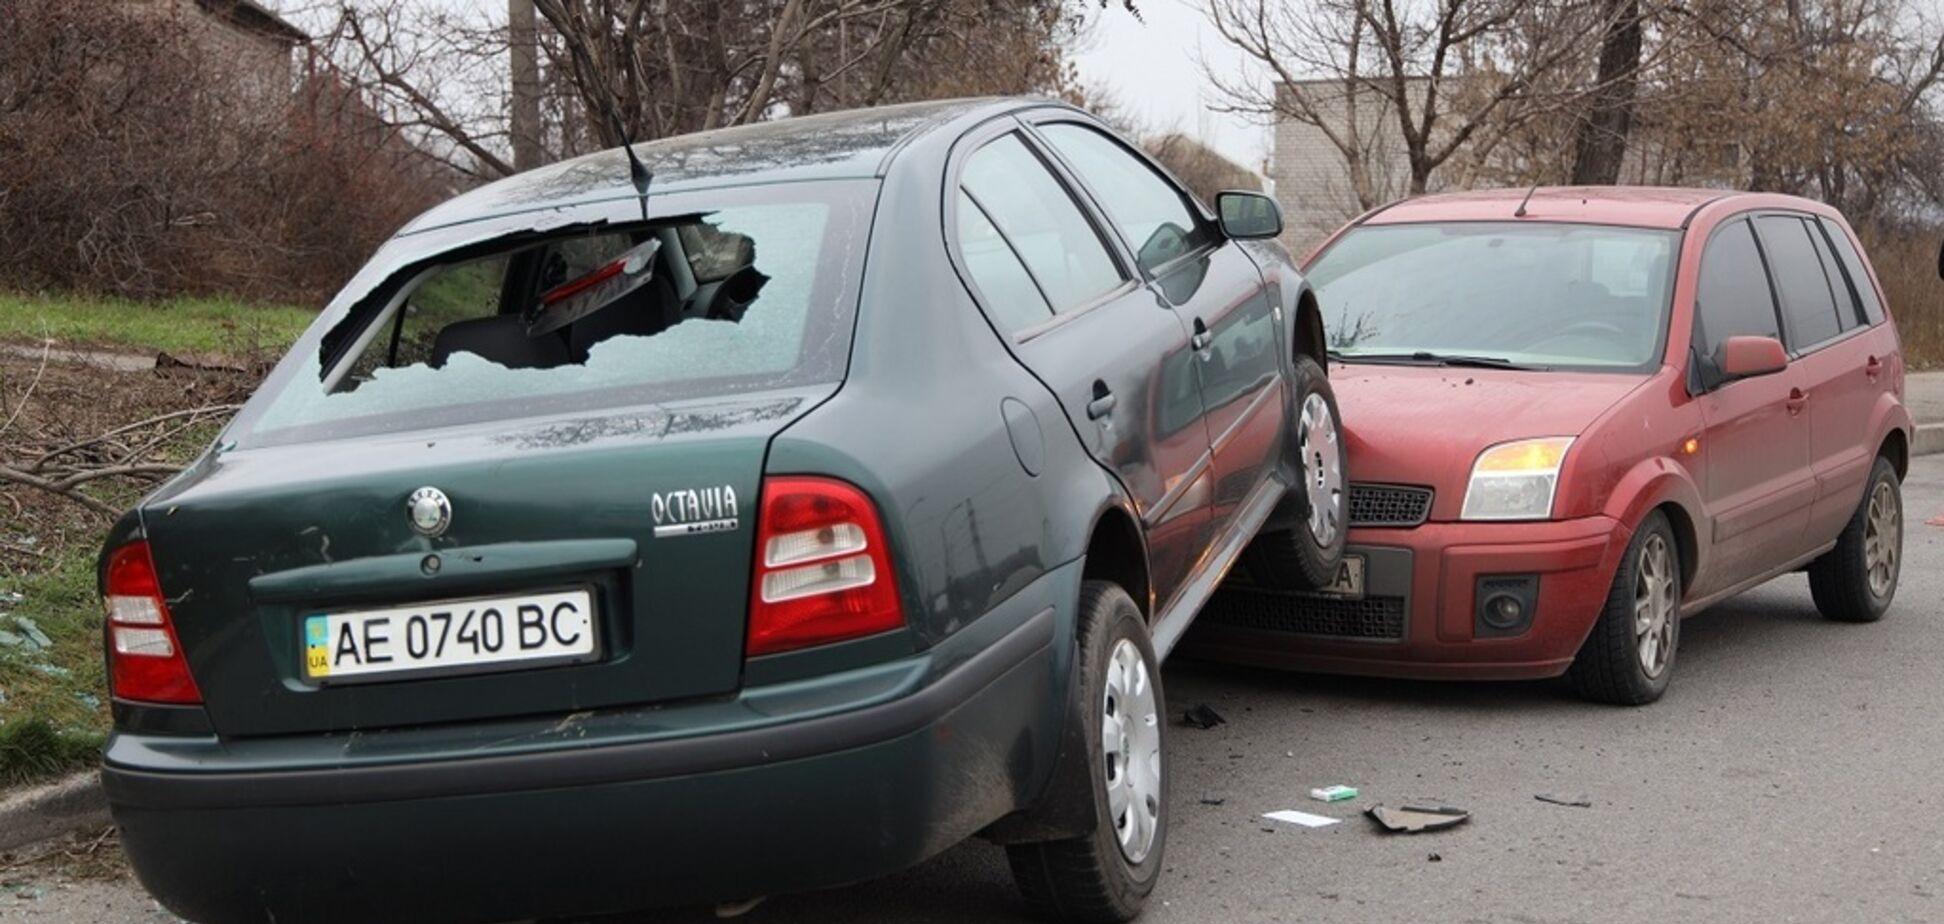 Перелетел через авто: в Днепре пьяный водитель устроил страшное ДТП на мосту